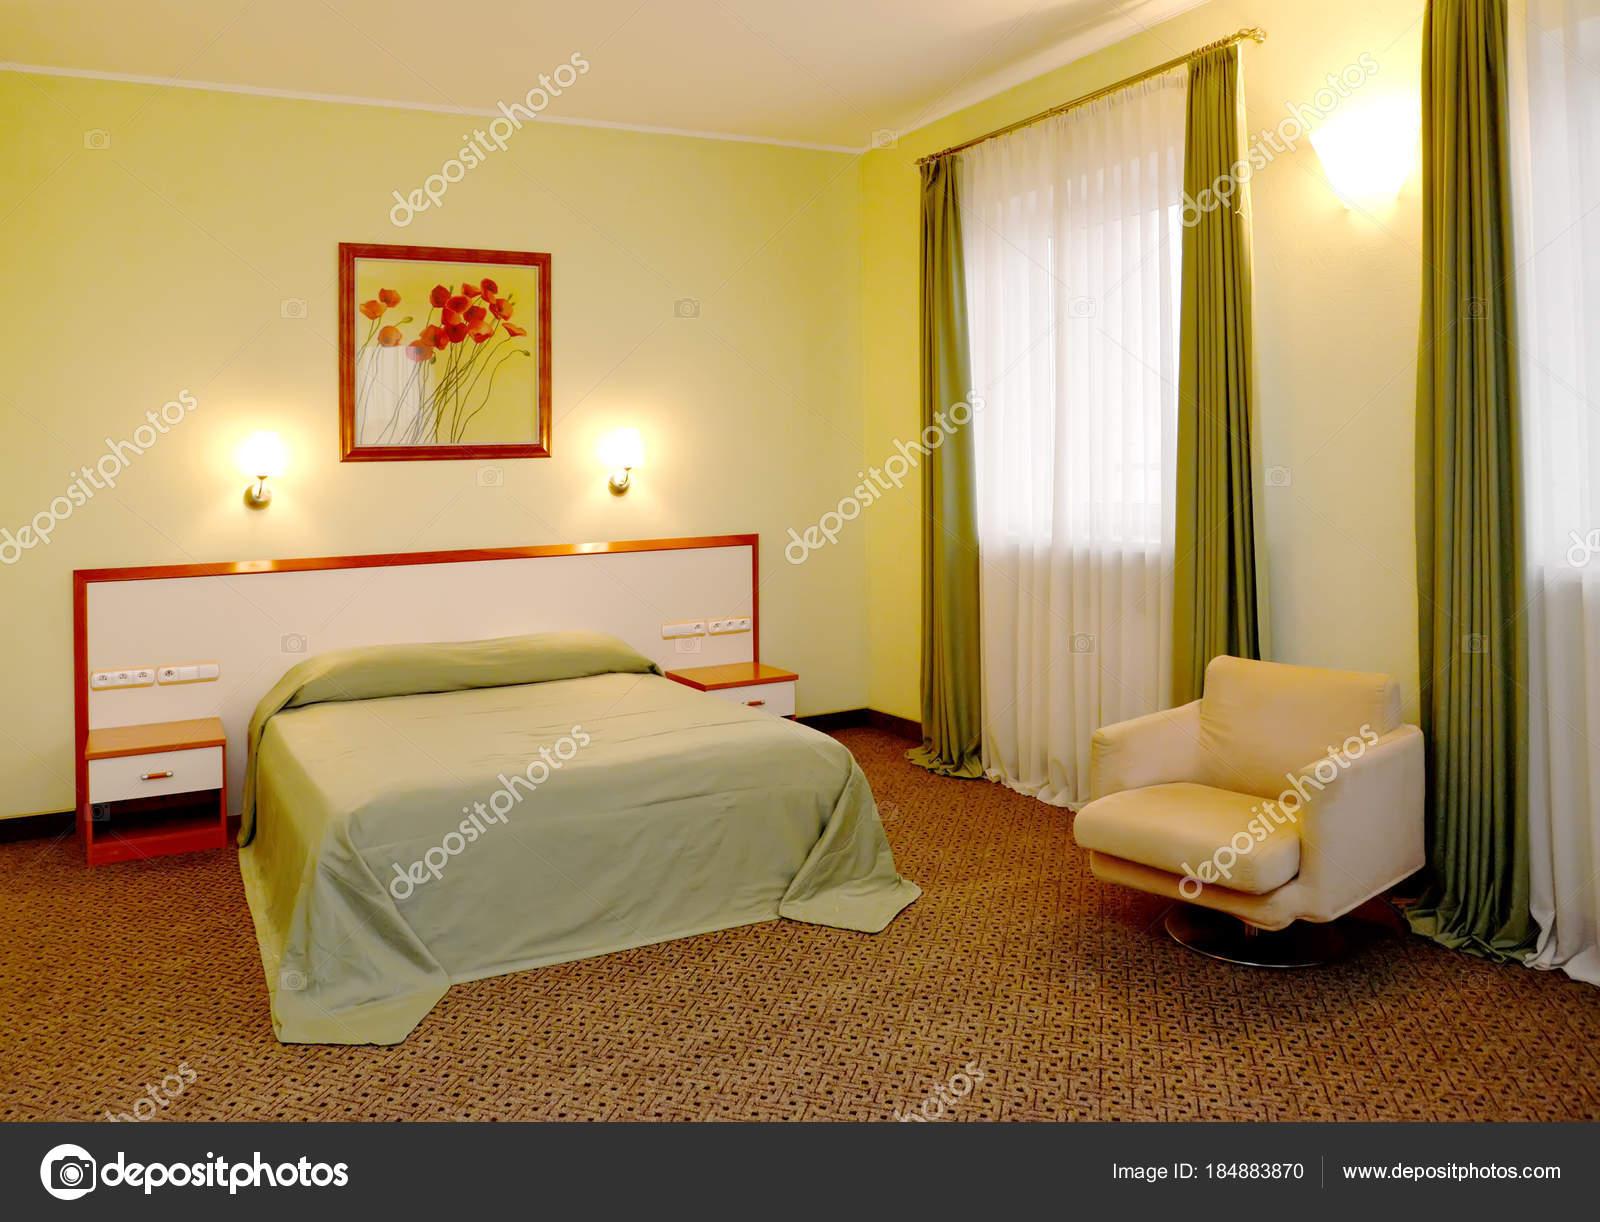 Sypialnia Wnętrza W Odcieniach Zieleni Zdjęcie Stockowe